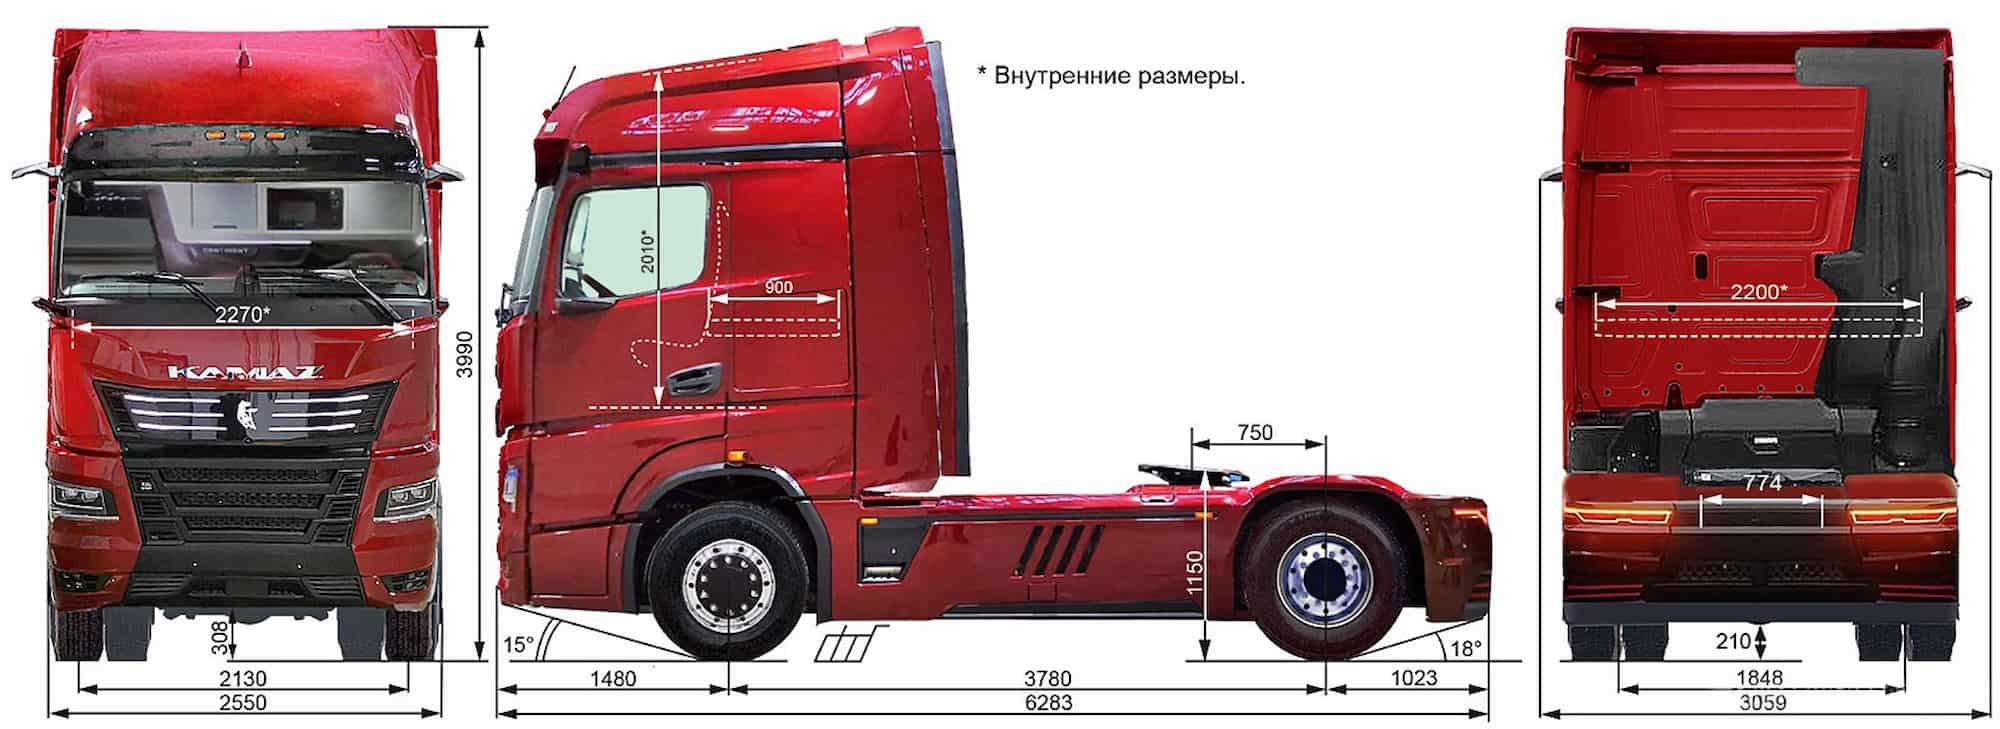 KAMAZ 54907 Continent Truckholding skhema